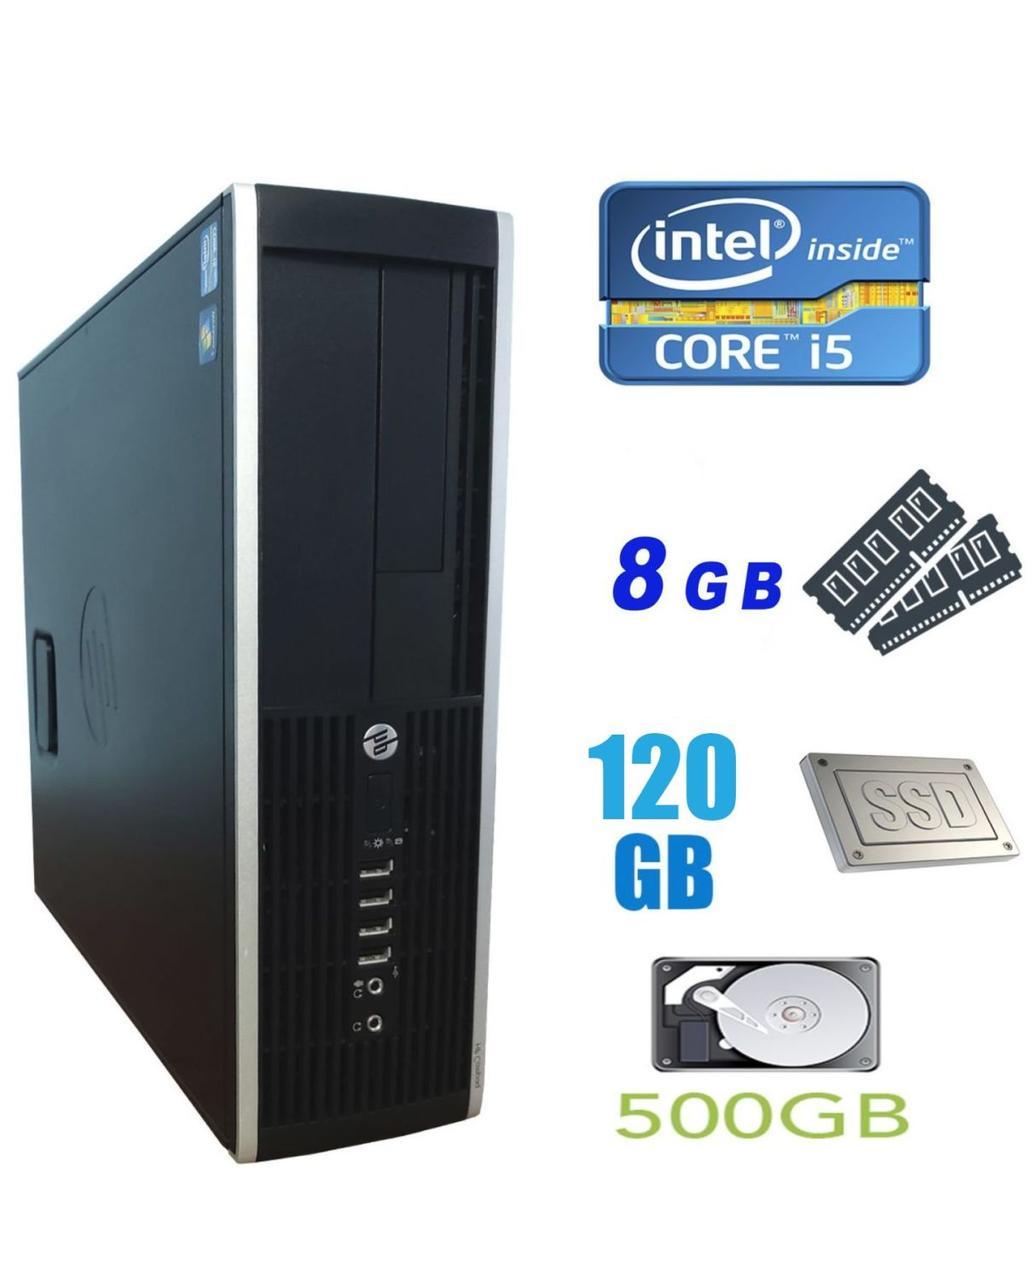 HP Compaq 6300 Pro SFF / Intel Core i5-2400 (4 ядра по 3.1-3.4GHz) / 8 GB DDR3 / 120 GB SSD NEW+500 GB HDD /